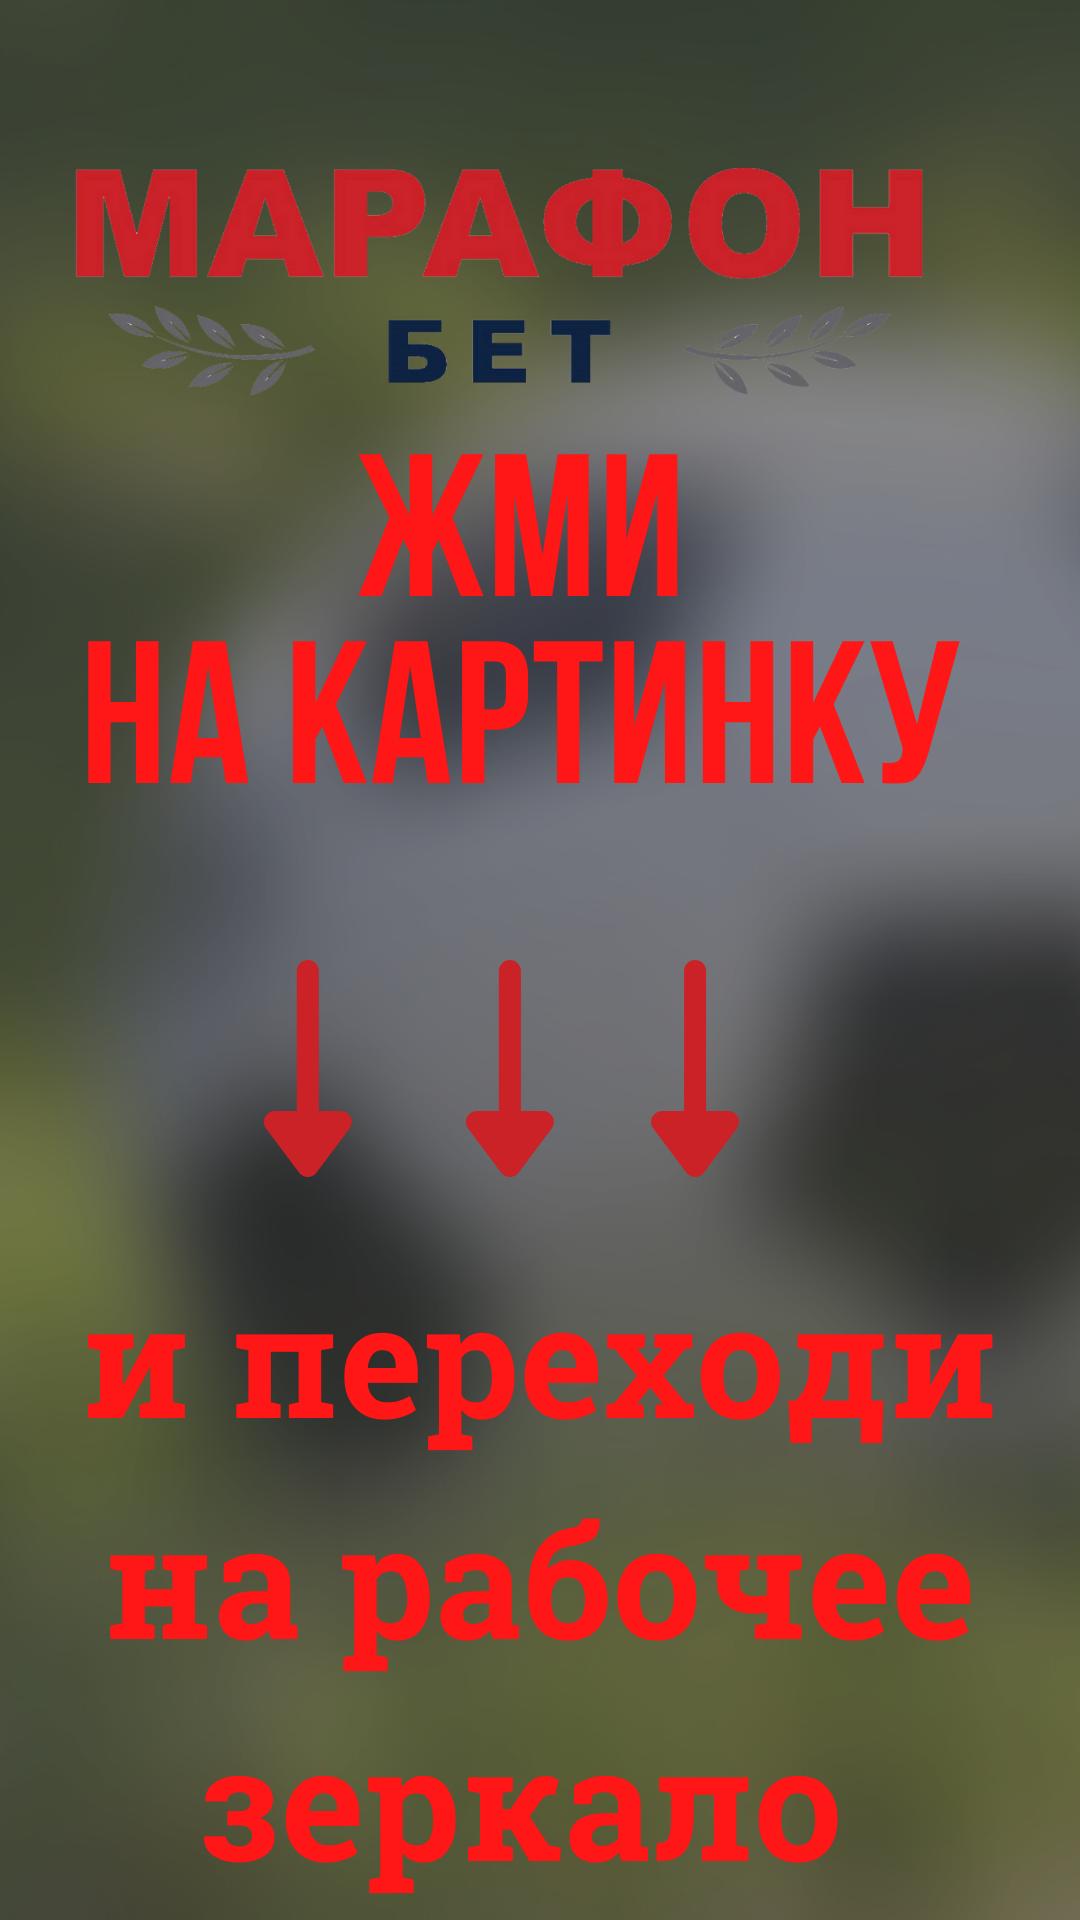 Марафон сайт ставок на букмекерские конторы фонбет в москве